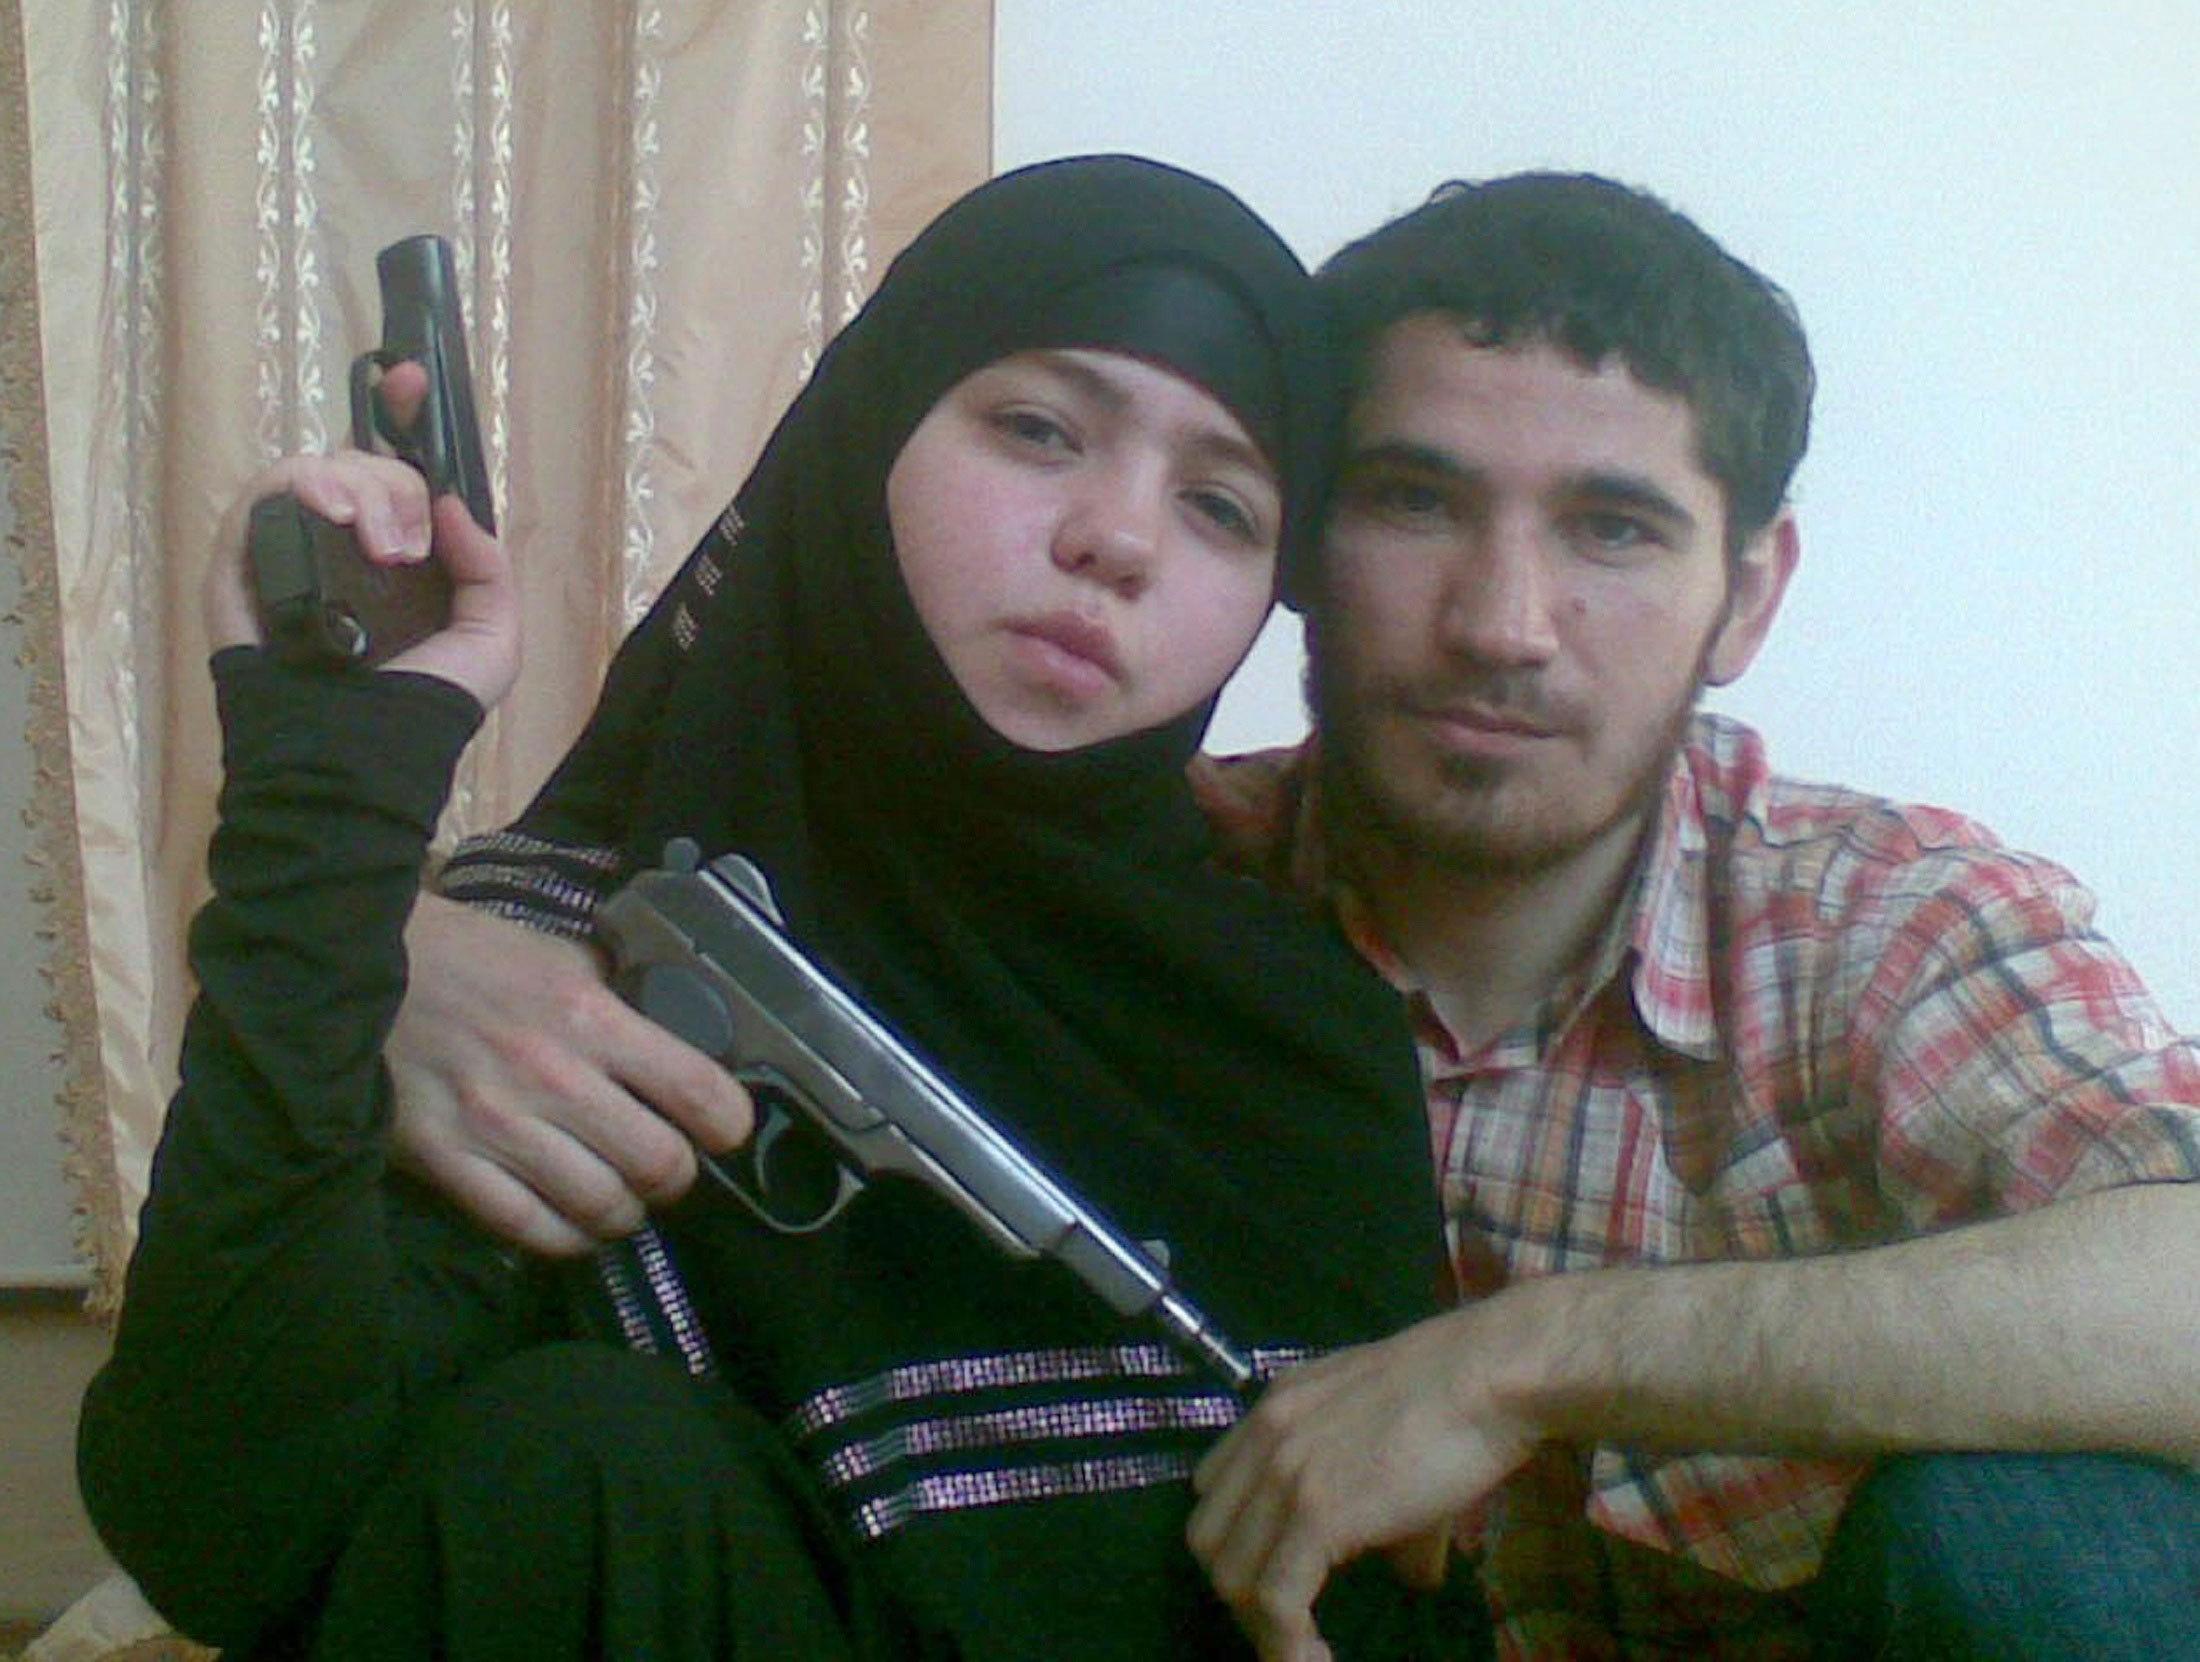 Джаннет Абдурахманова, подозревамая в организации взрывов в московском метро 29 марта 2010 года